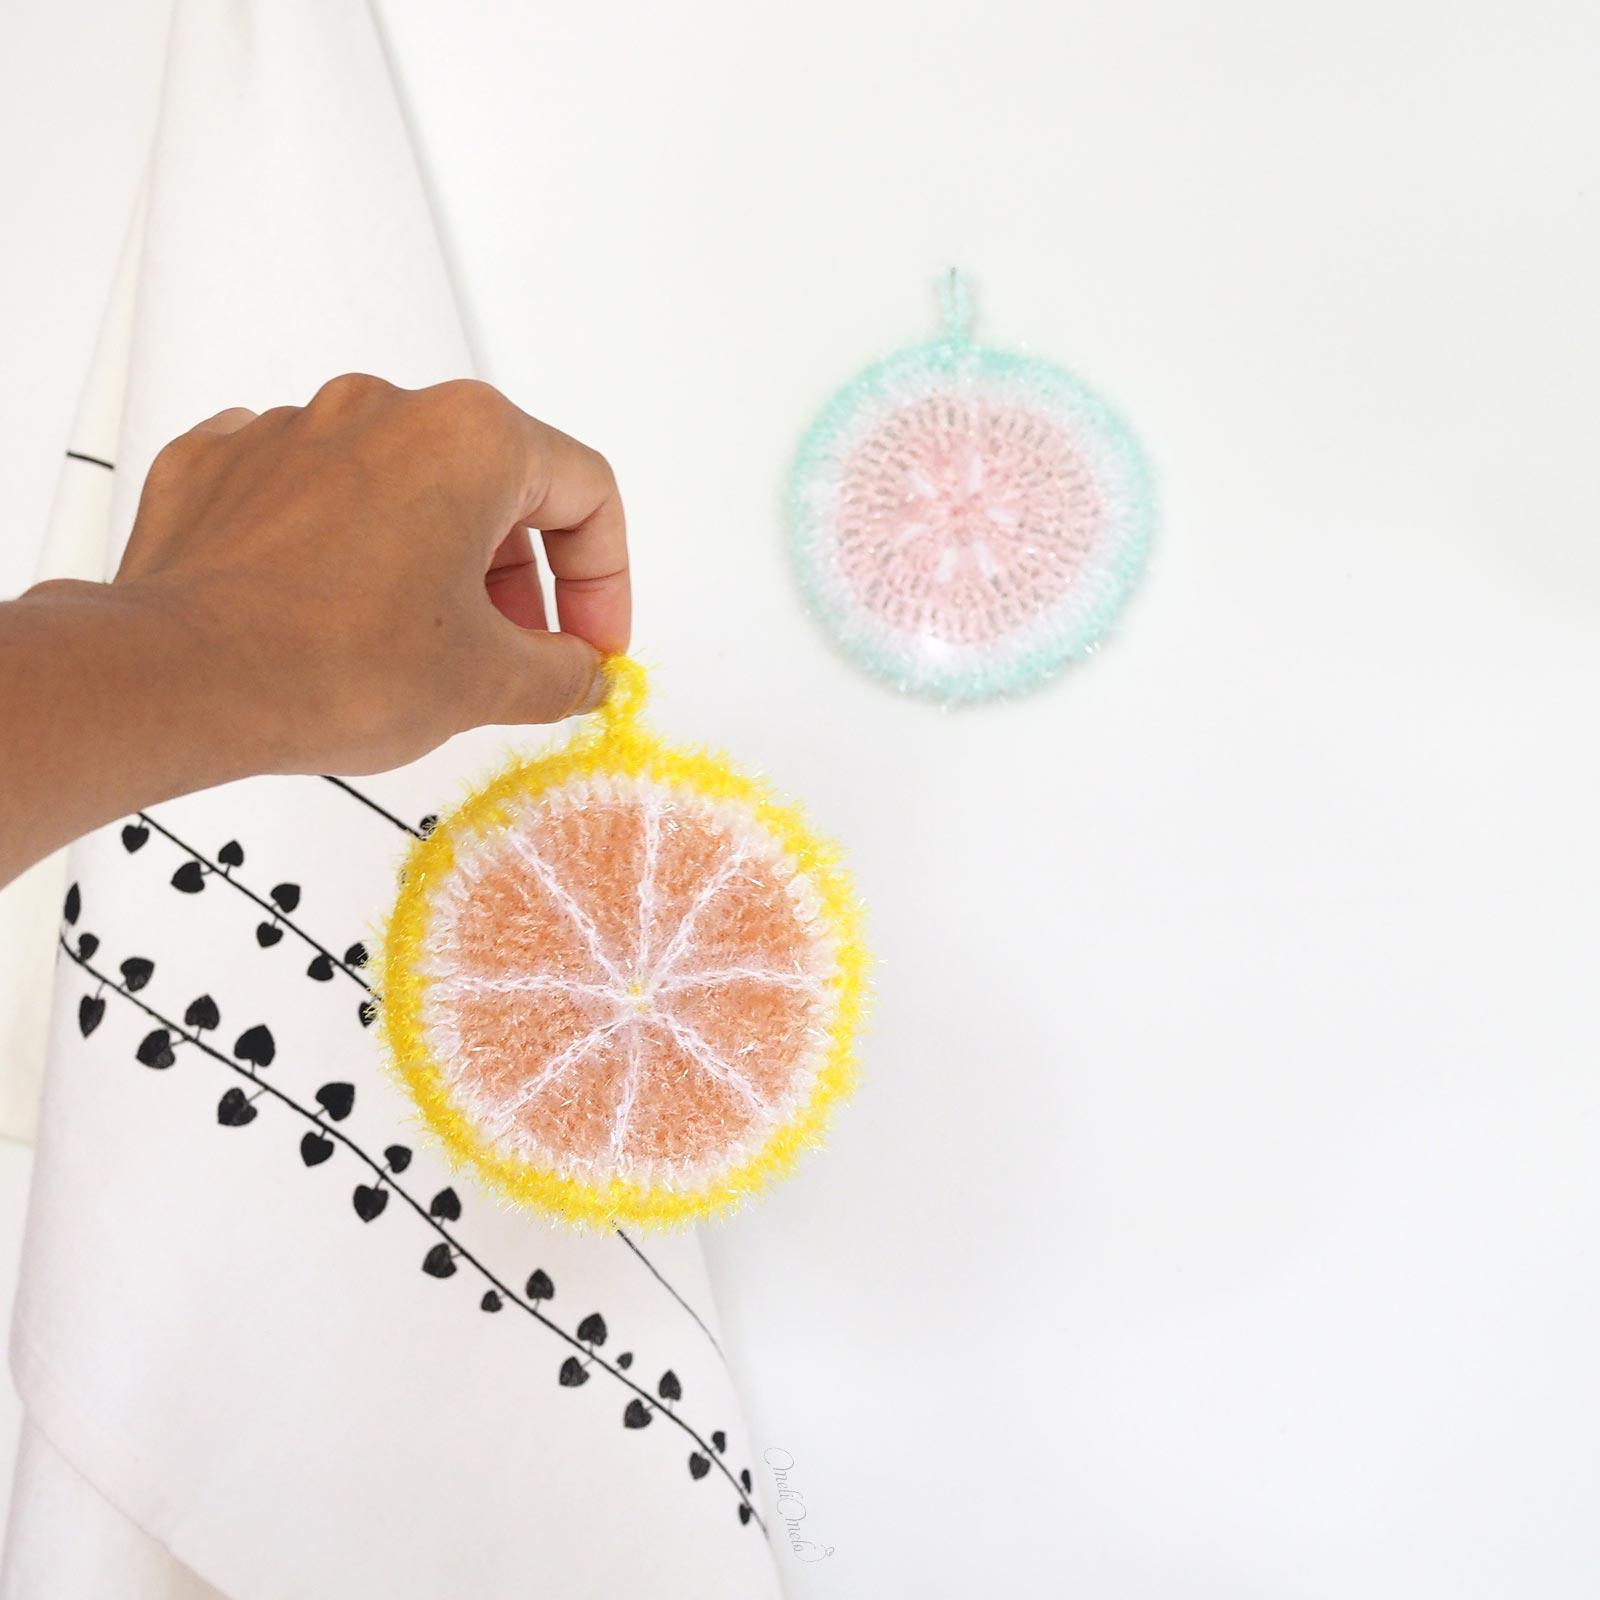 Éponge Tawashi pamplemousse taille creative bubble rico design laboutiquedemelimelo